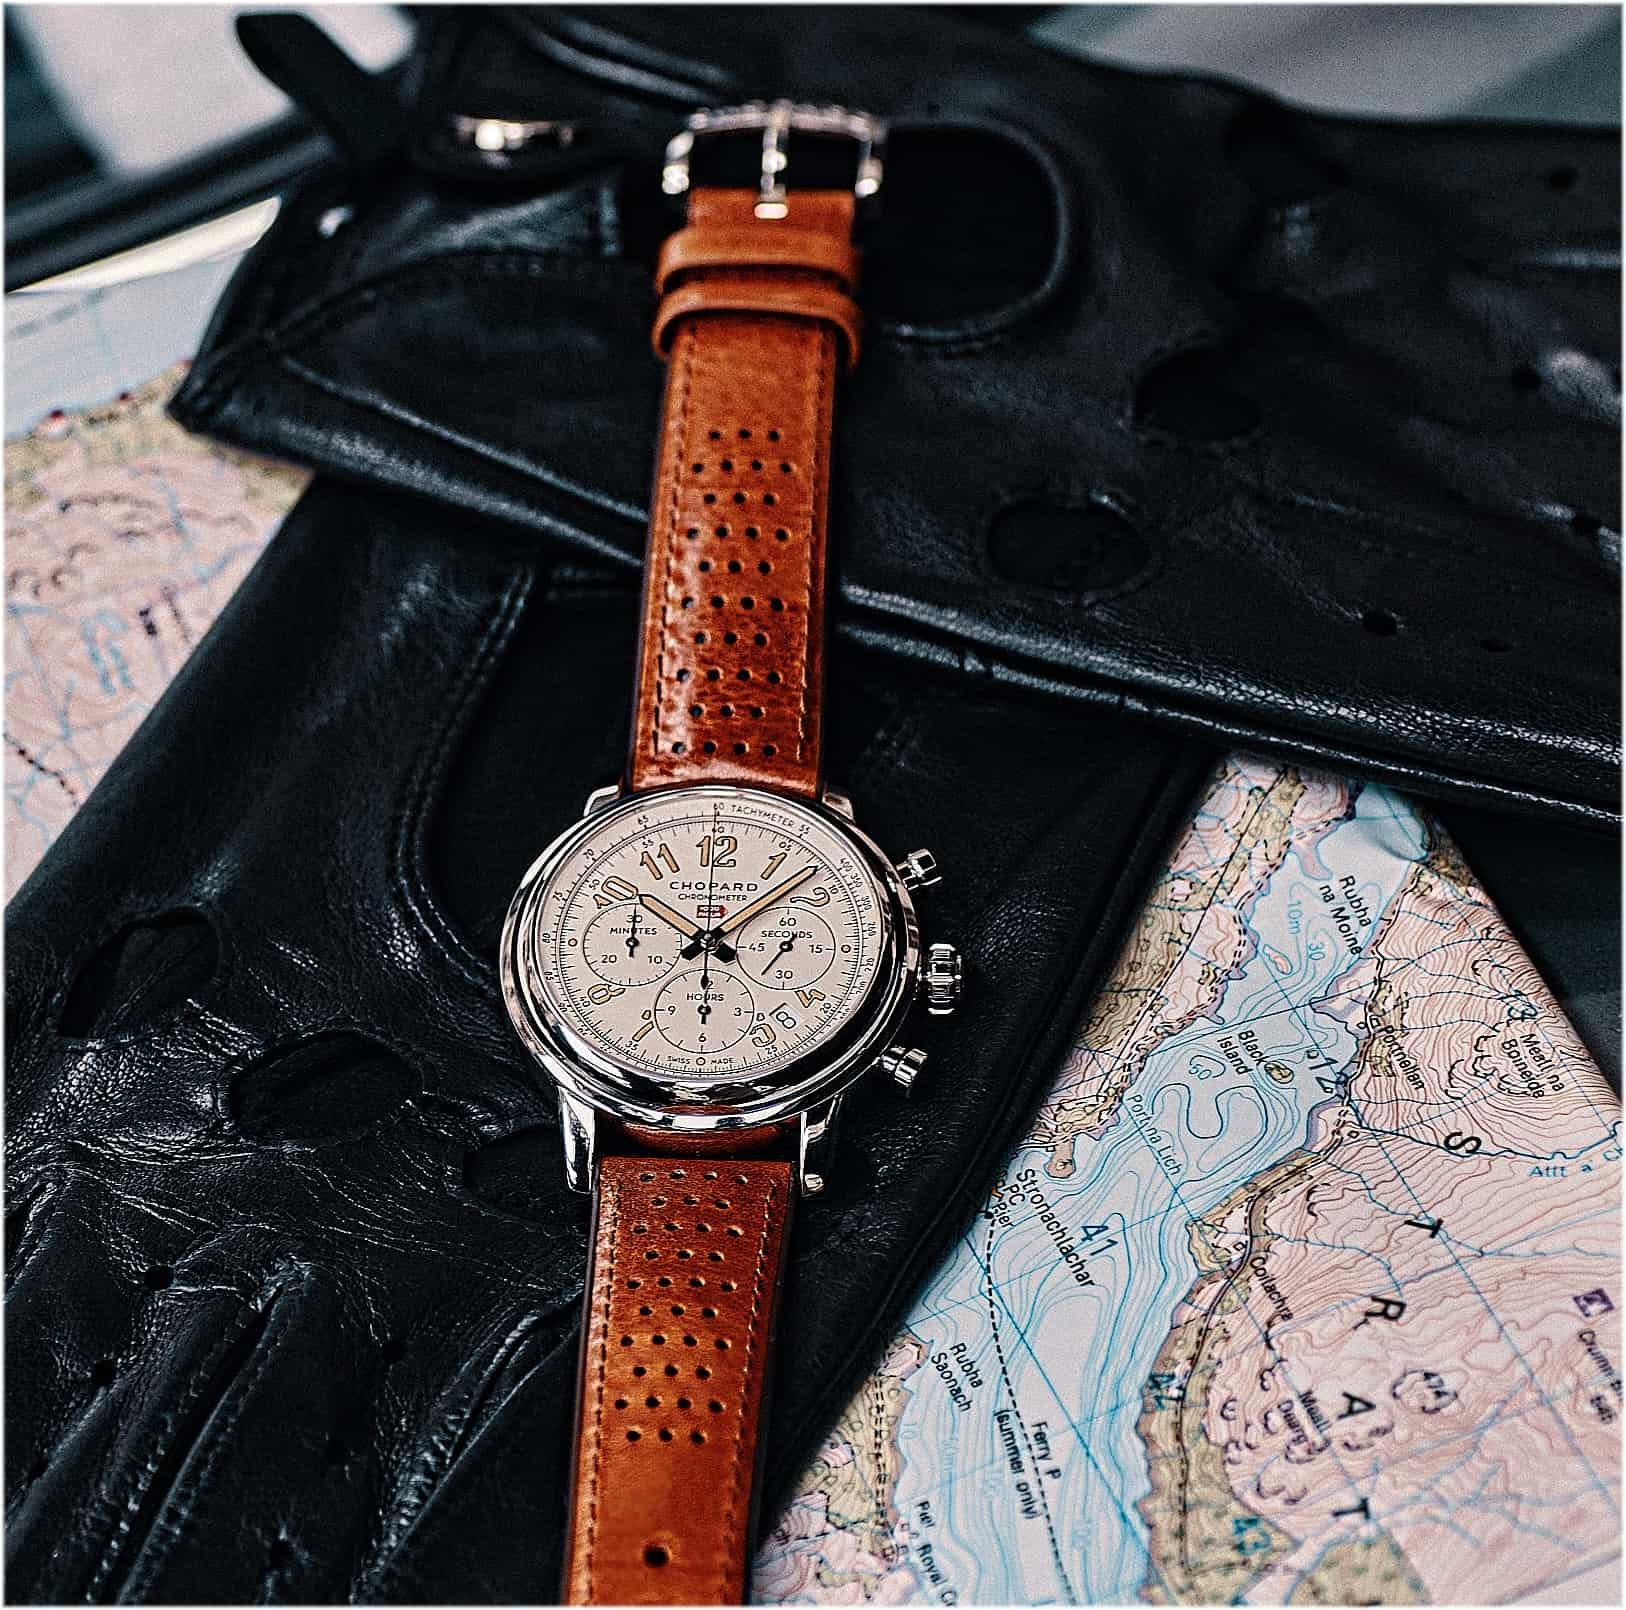 Chopard Mille Miglia Classic Chronograph Raticosa Referenz 168589-3033